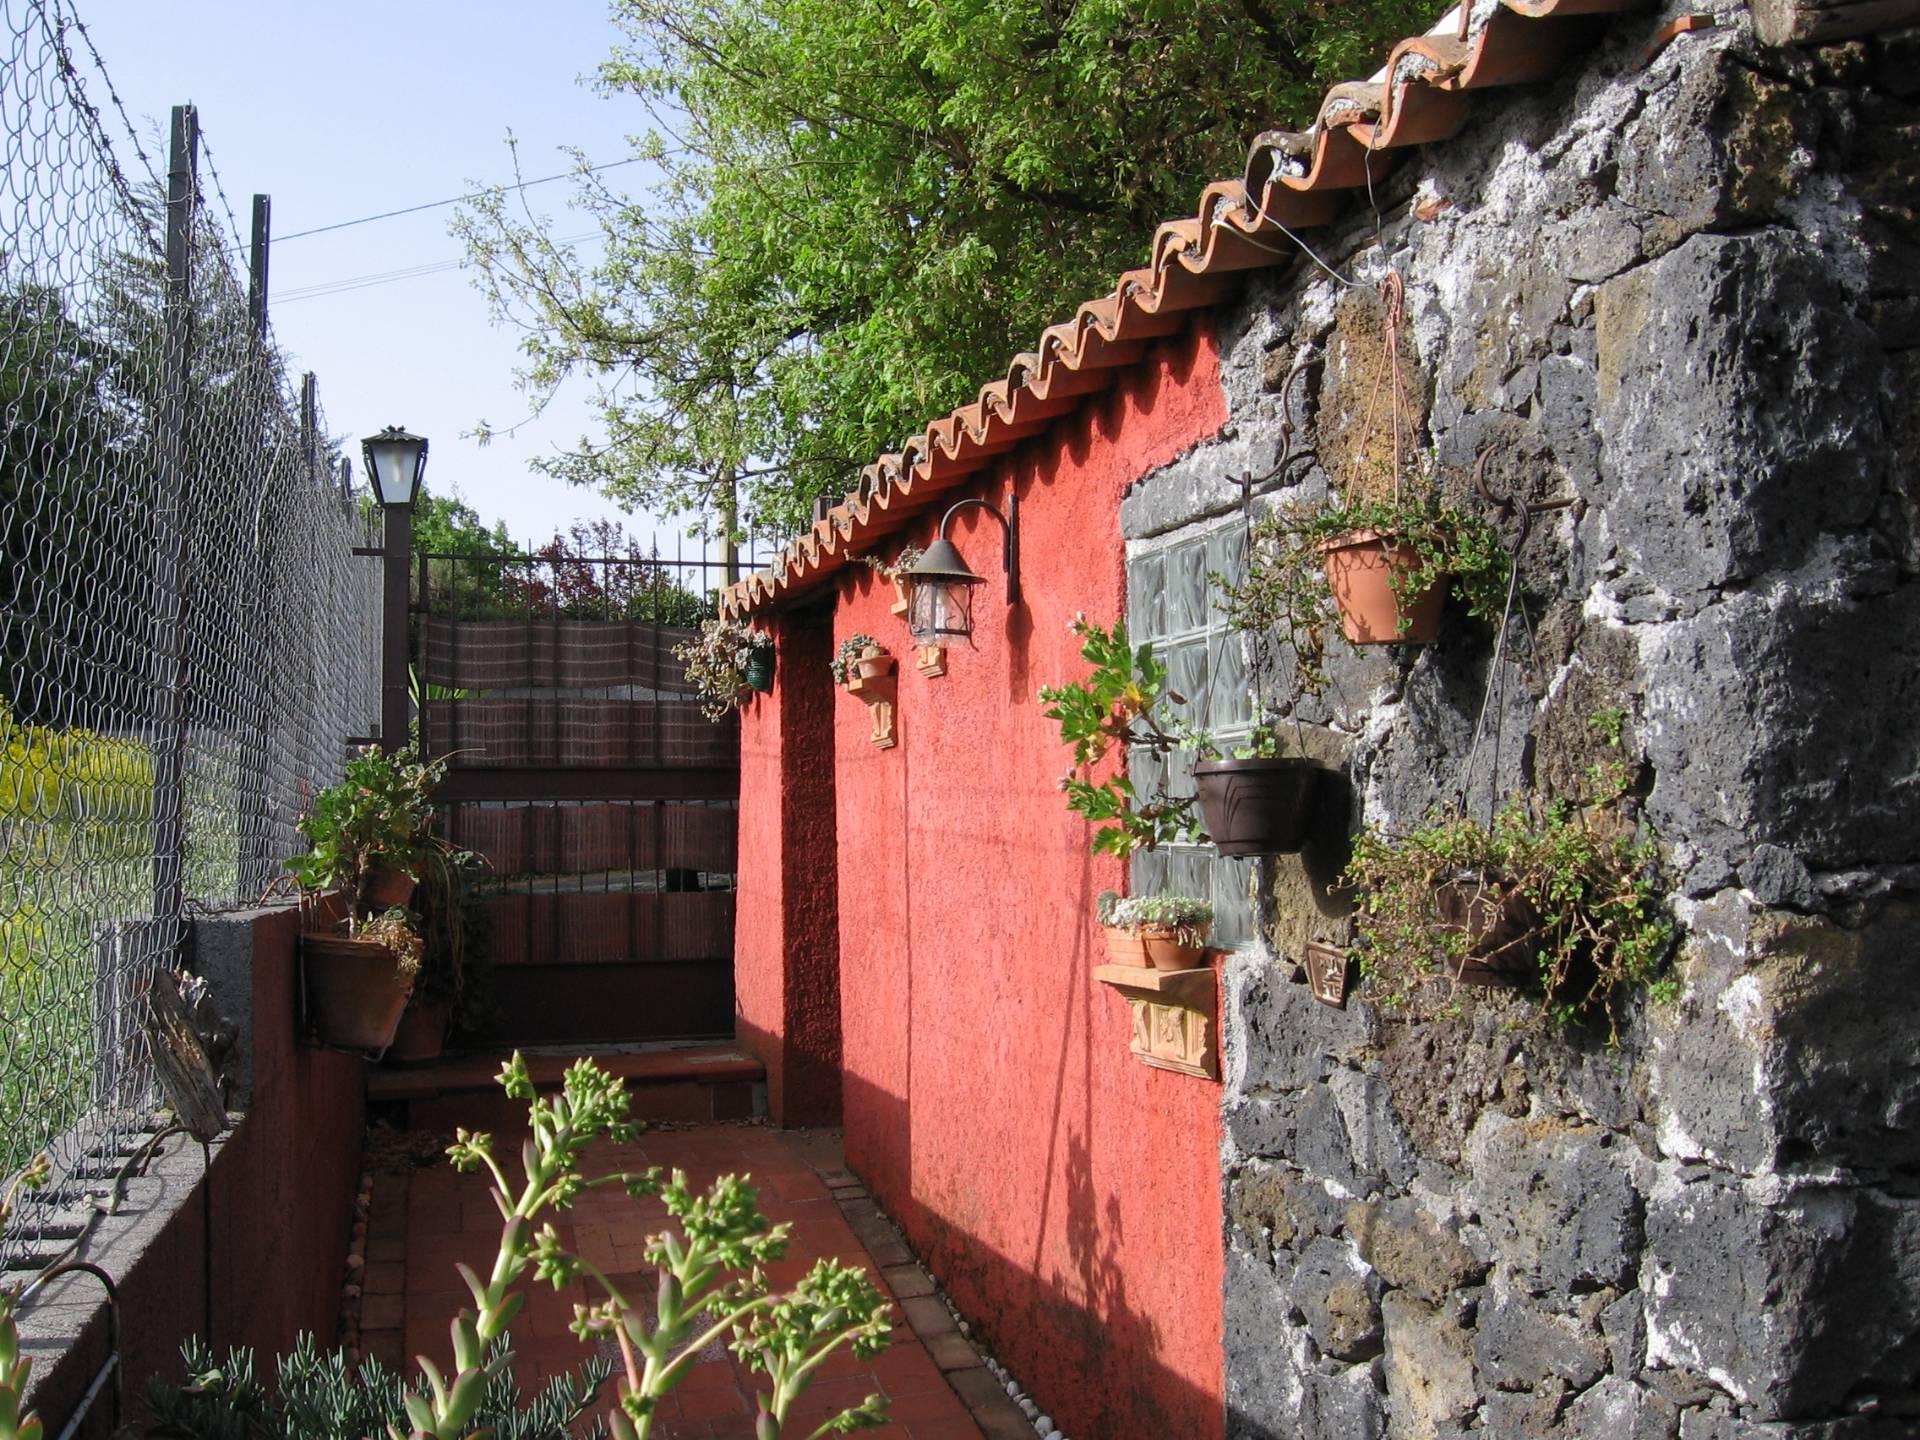 Rustico / Casale in vendita a Viagrande, 1 locali, prezzo € 89.000 | Cambio Casa.it